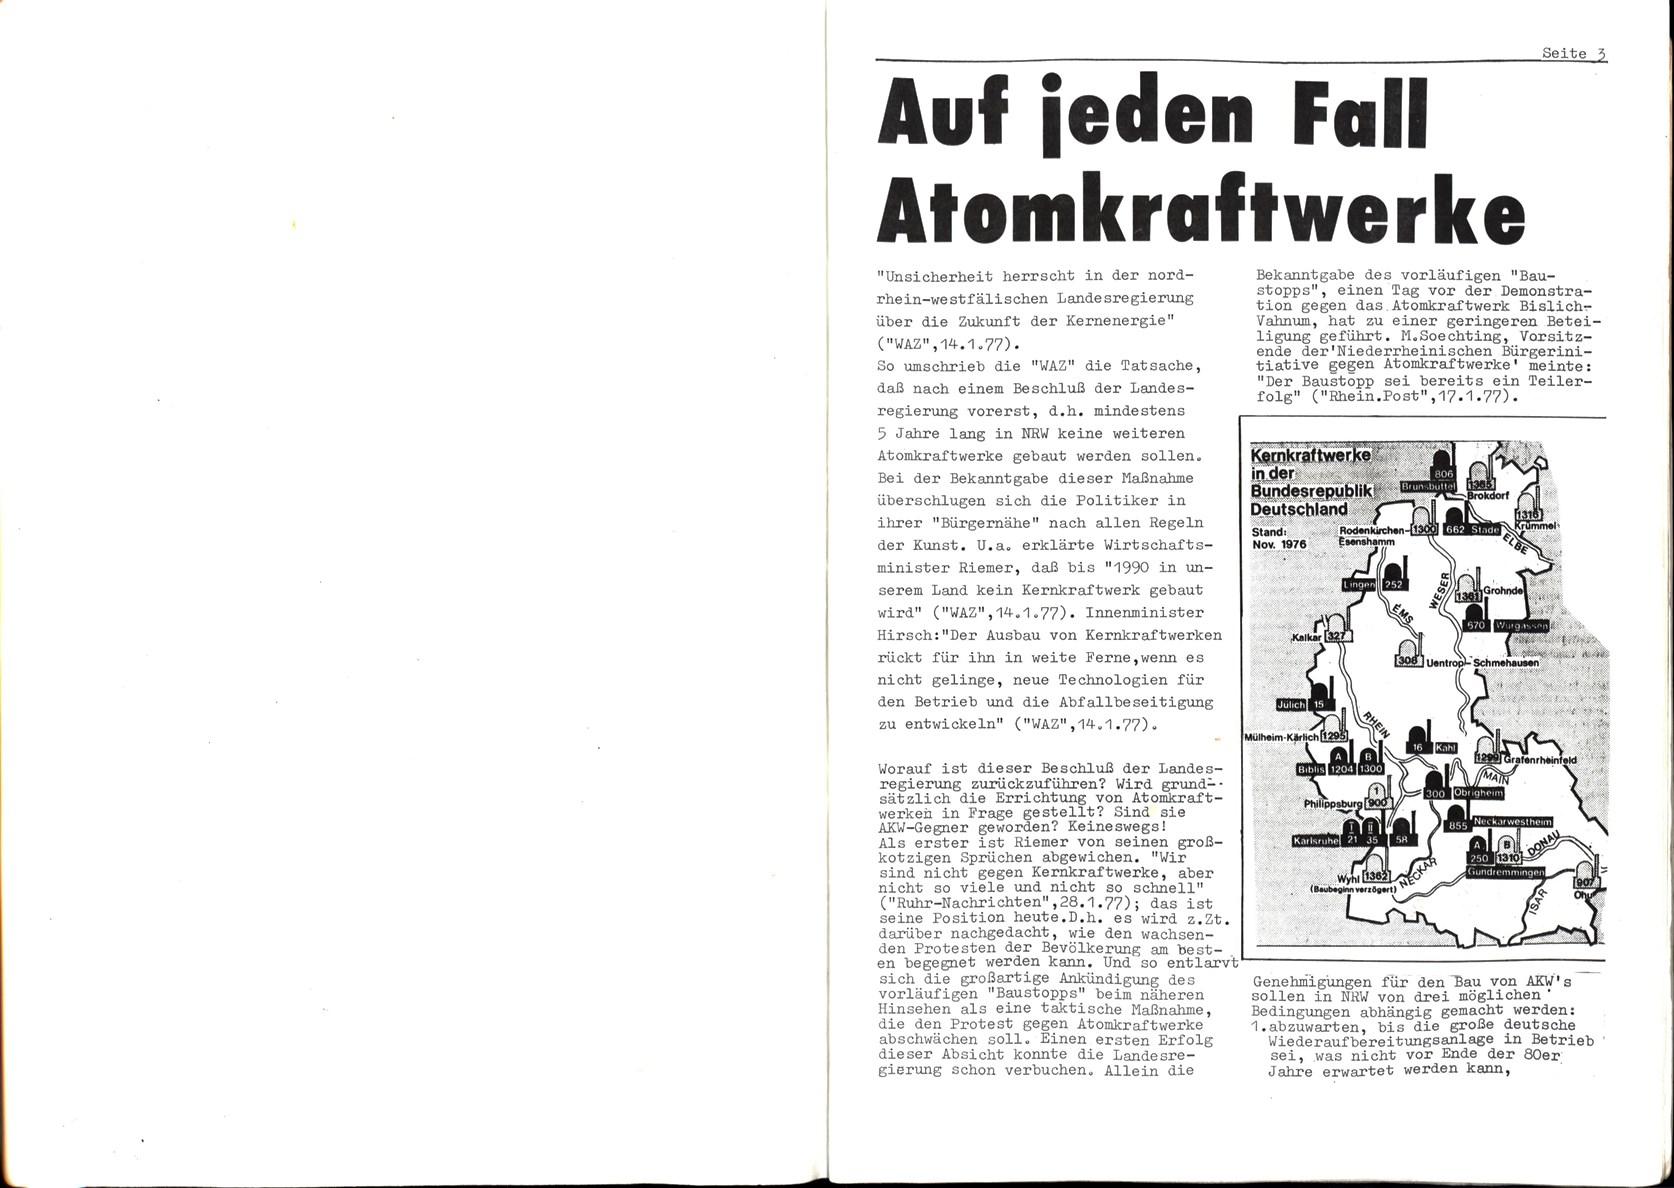 Bochum_KB_1977_Kein_AKW_in_NRW_03